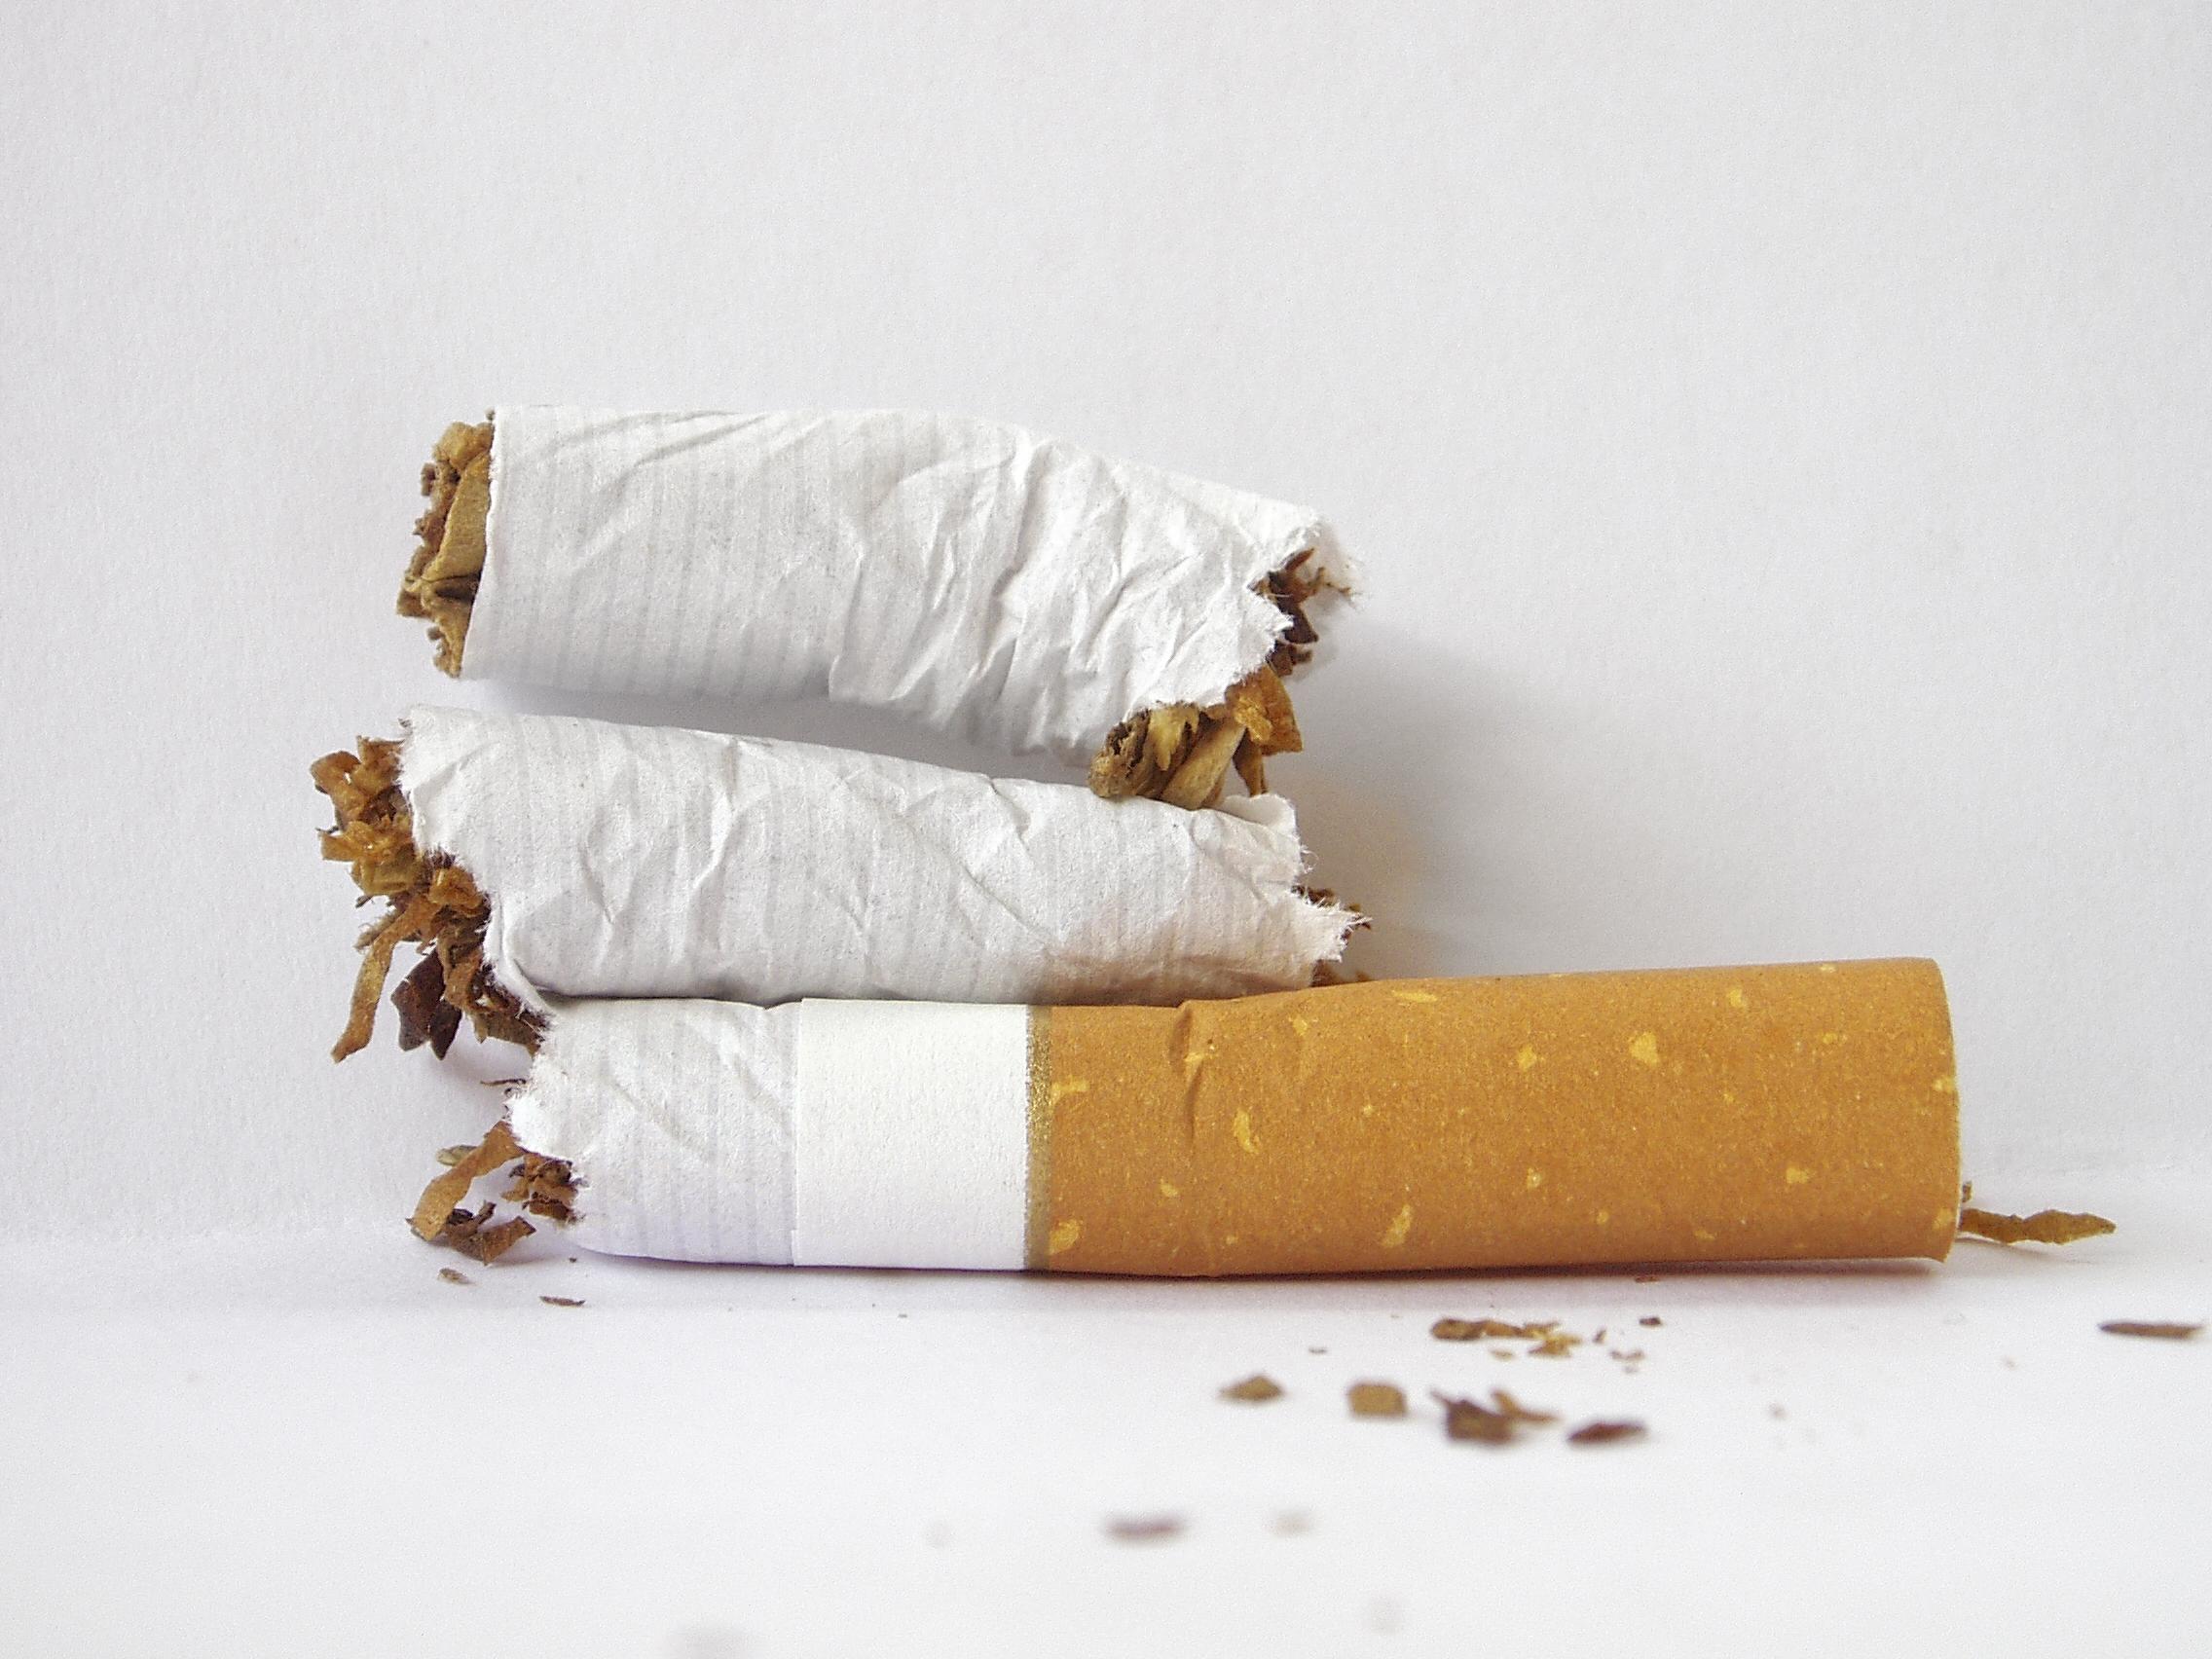 Que será si dejar fumar top 5